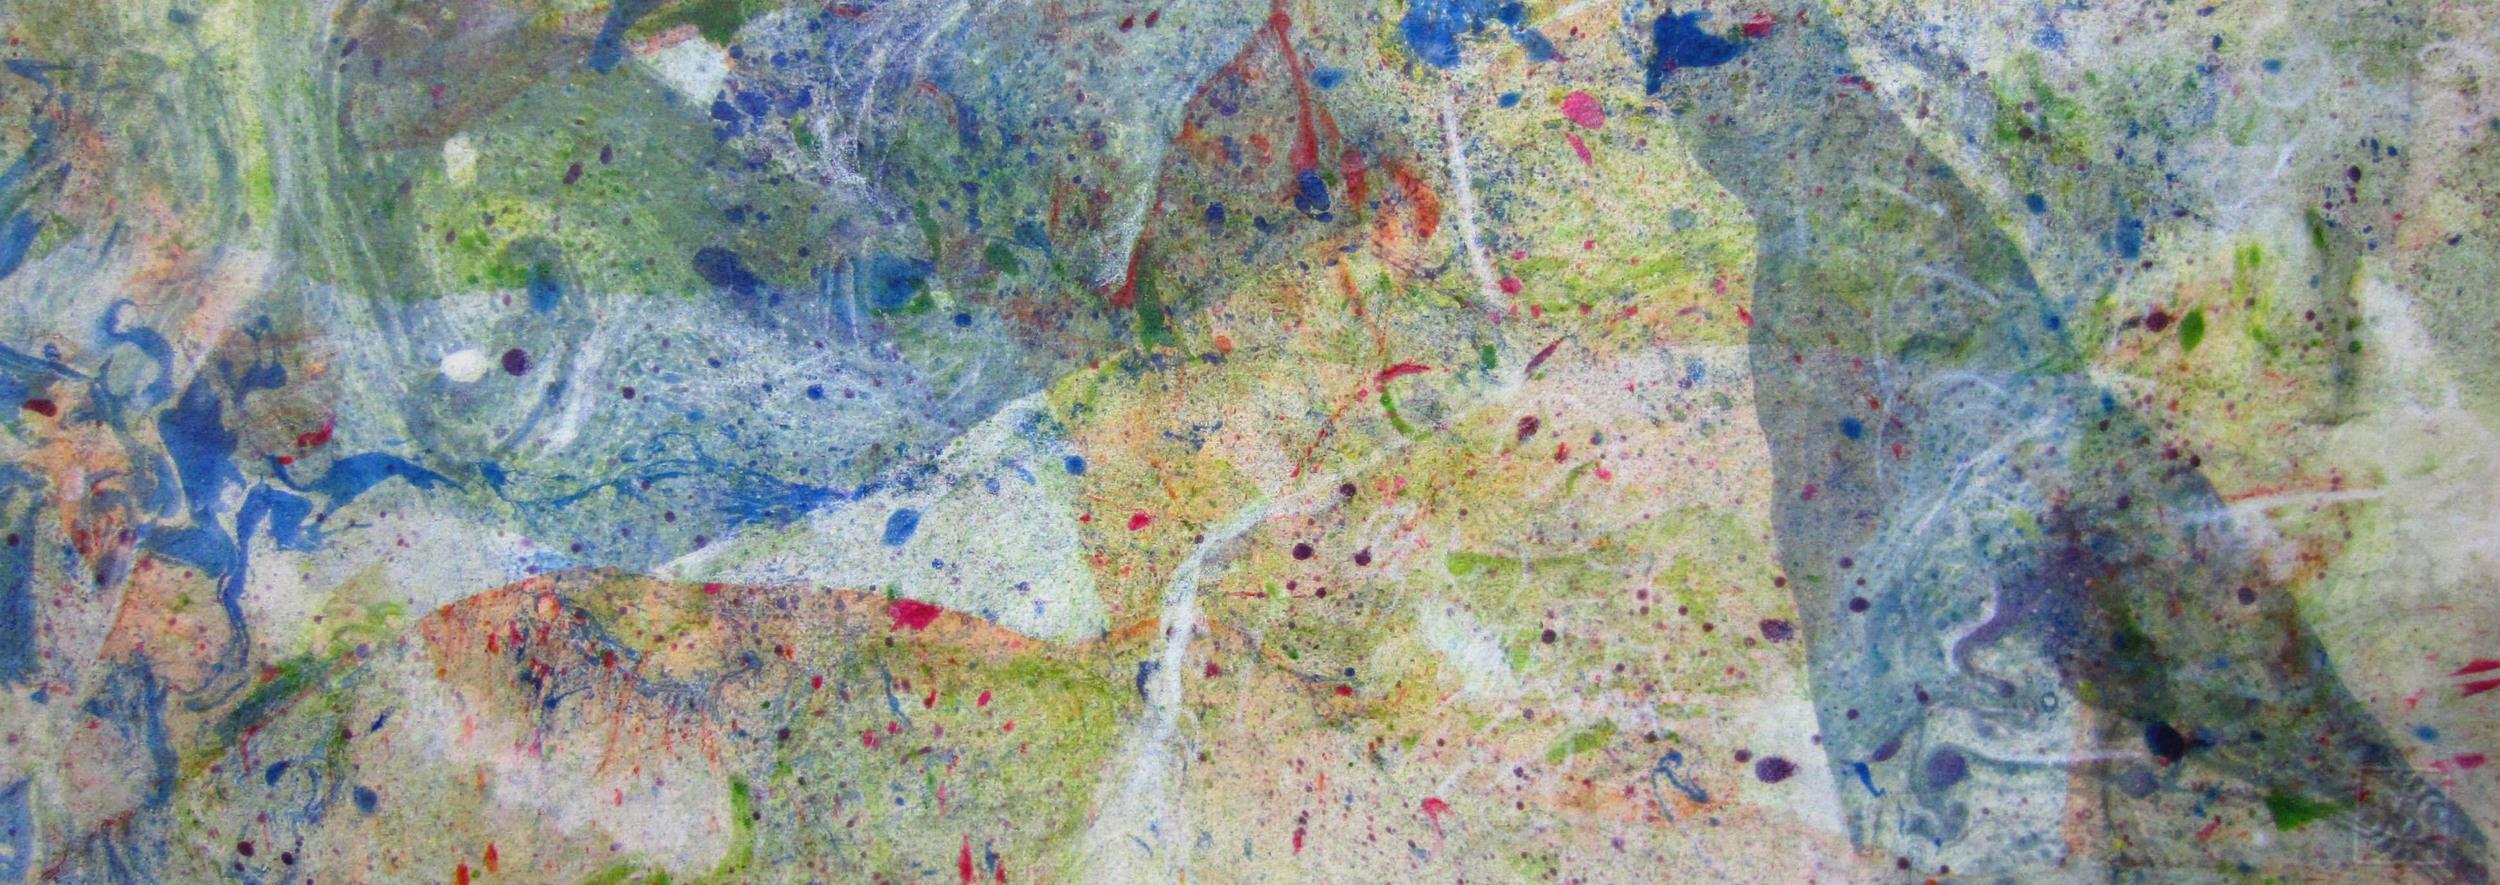 Il sogno di Alice, 2012. Olio su carta cm.30x70